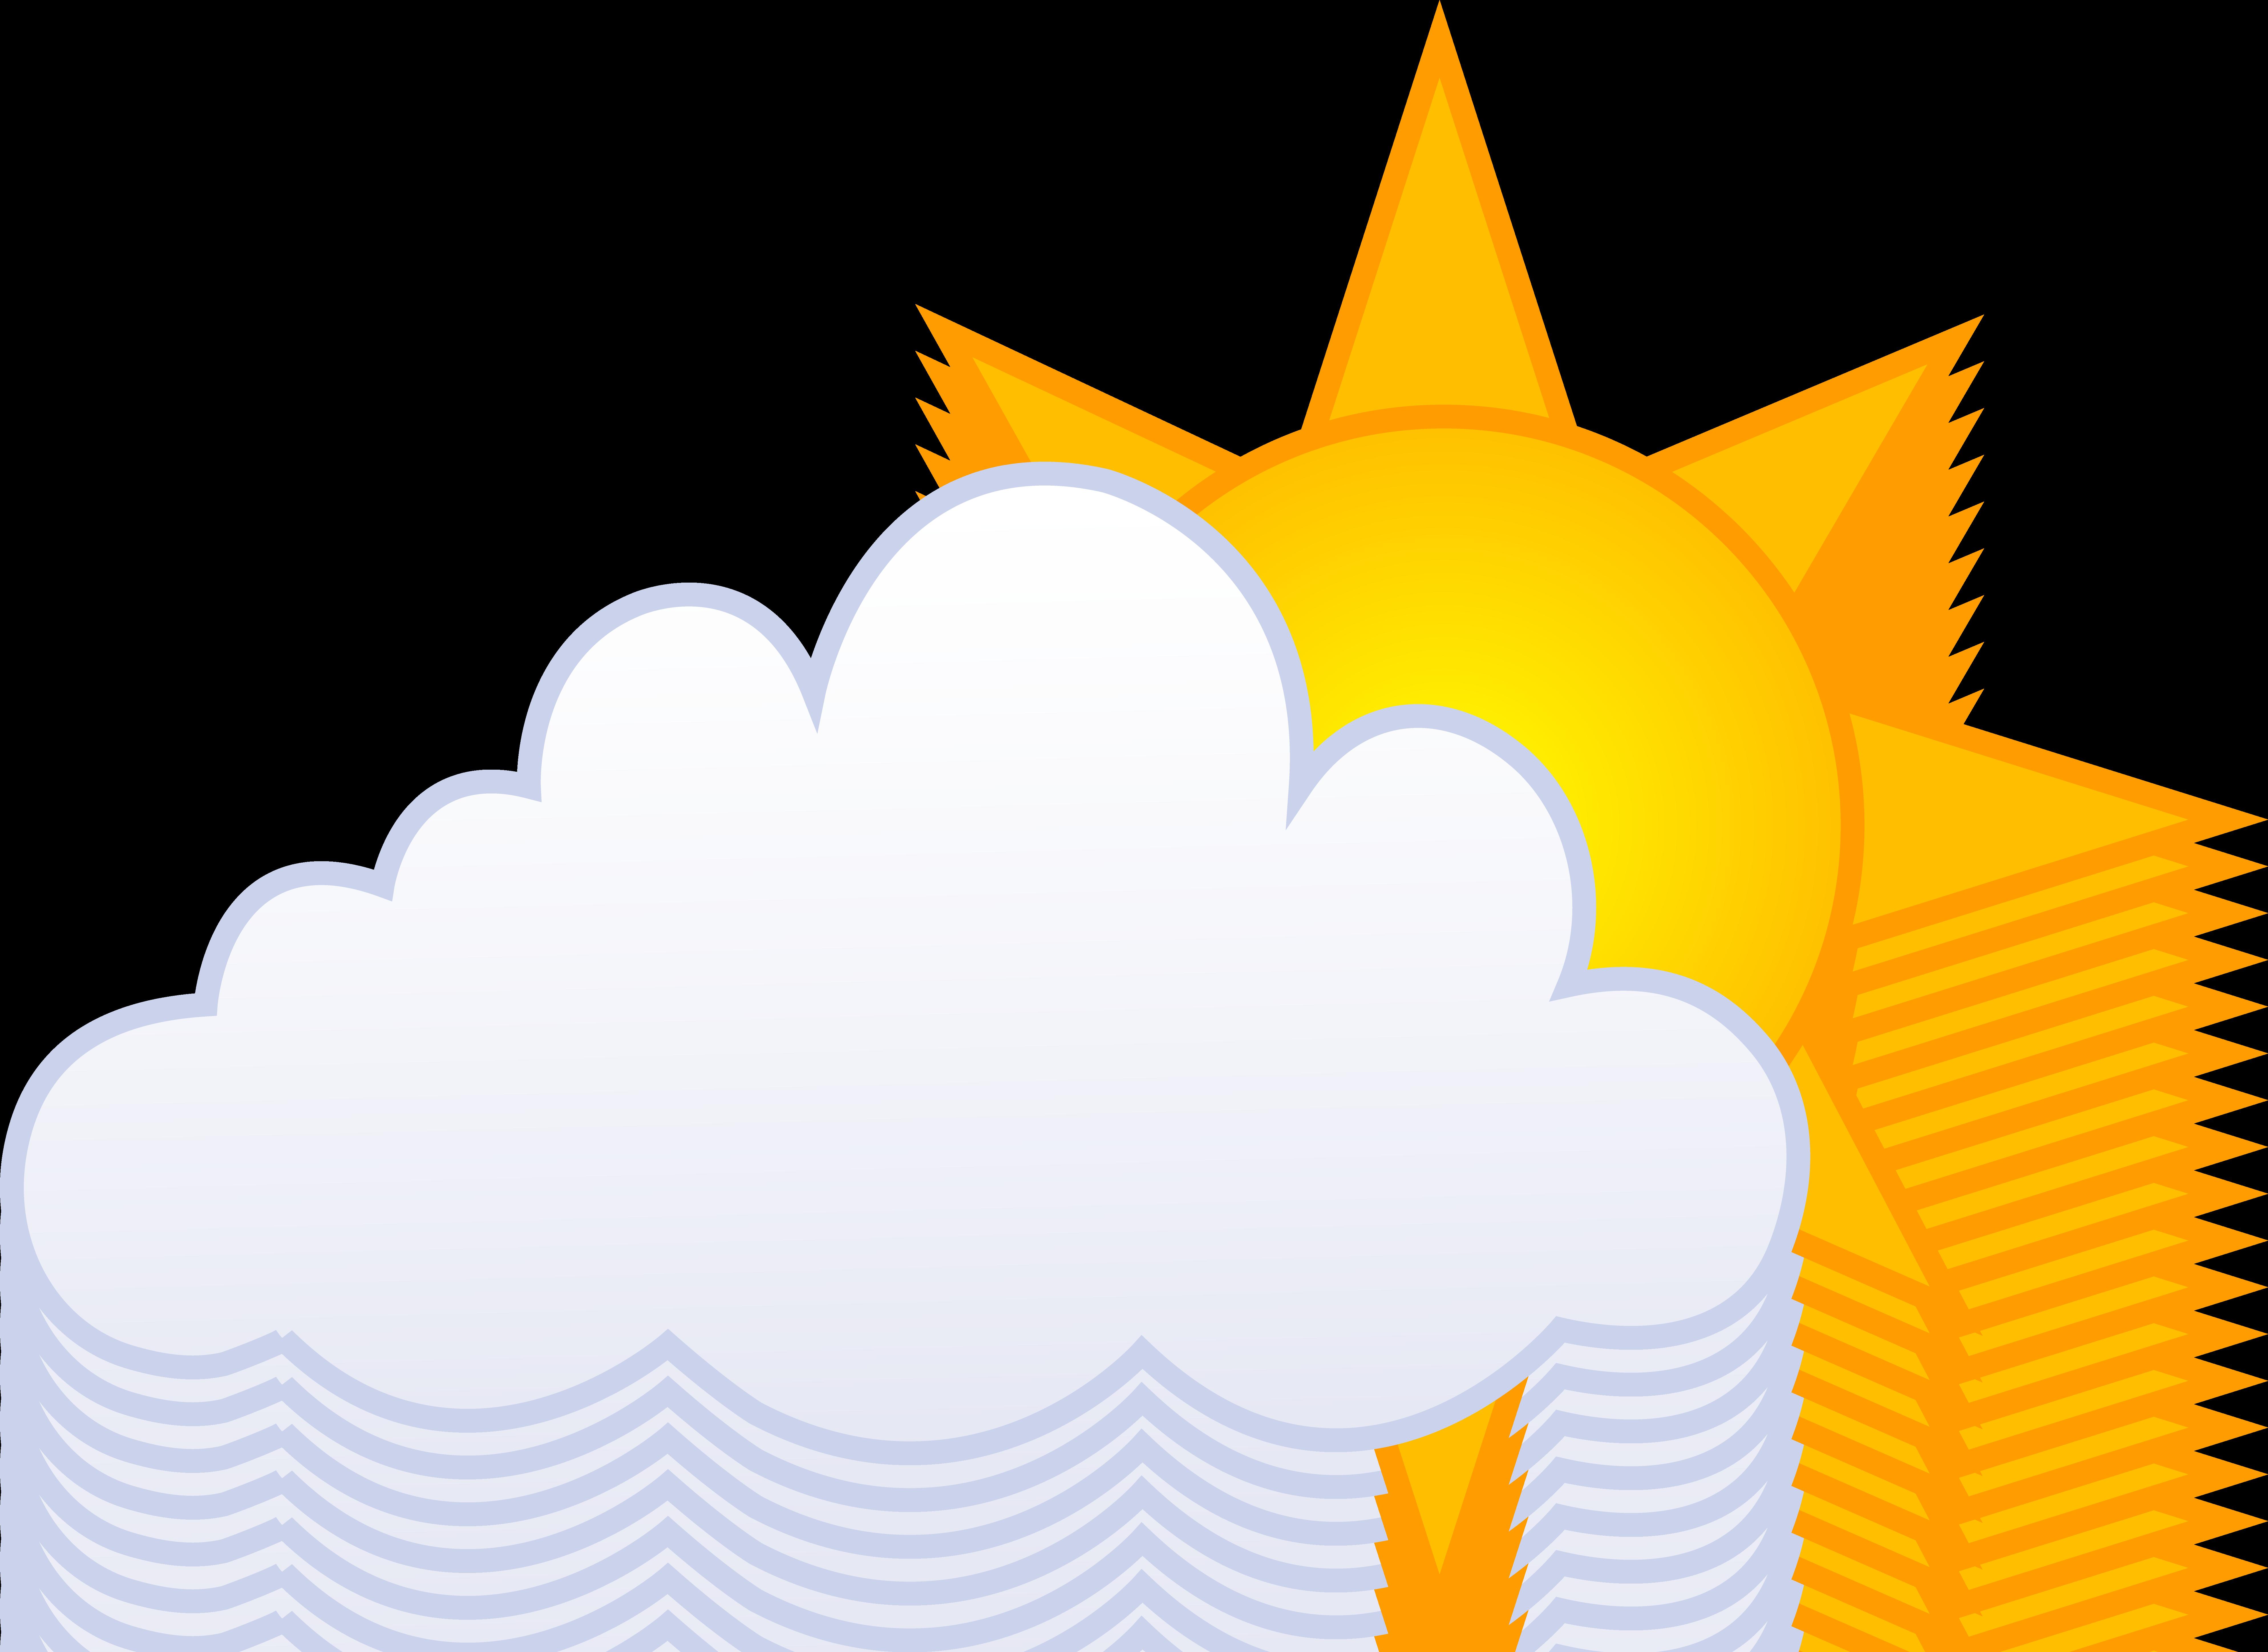 7951x5793 Sunshine Clipart Sunny Day